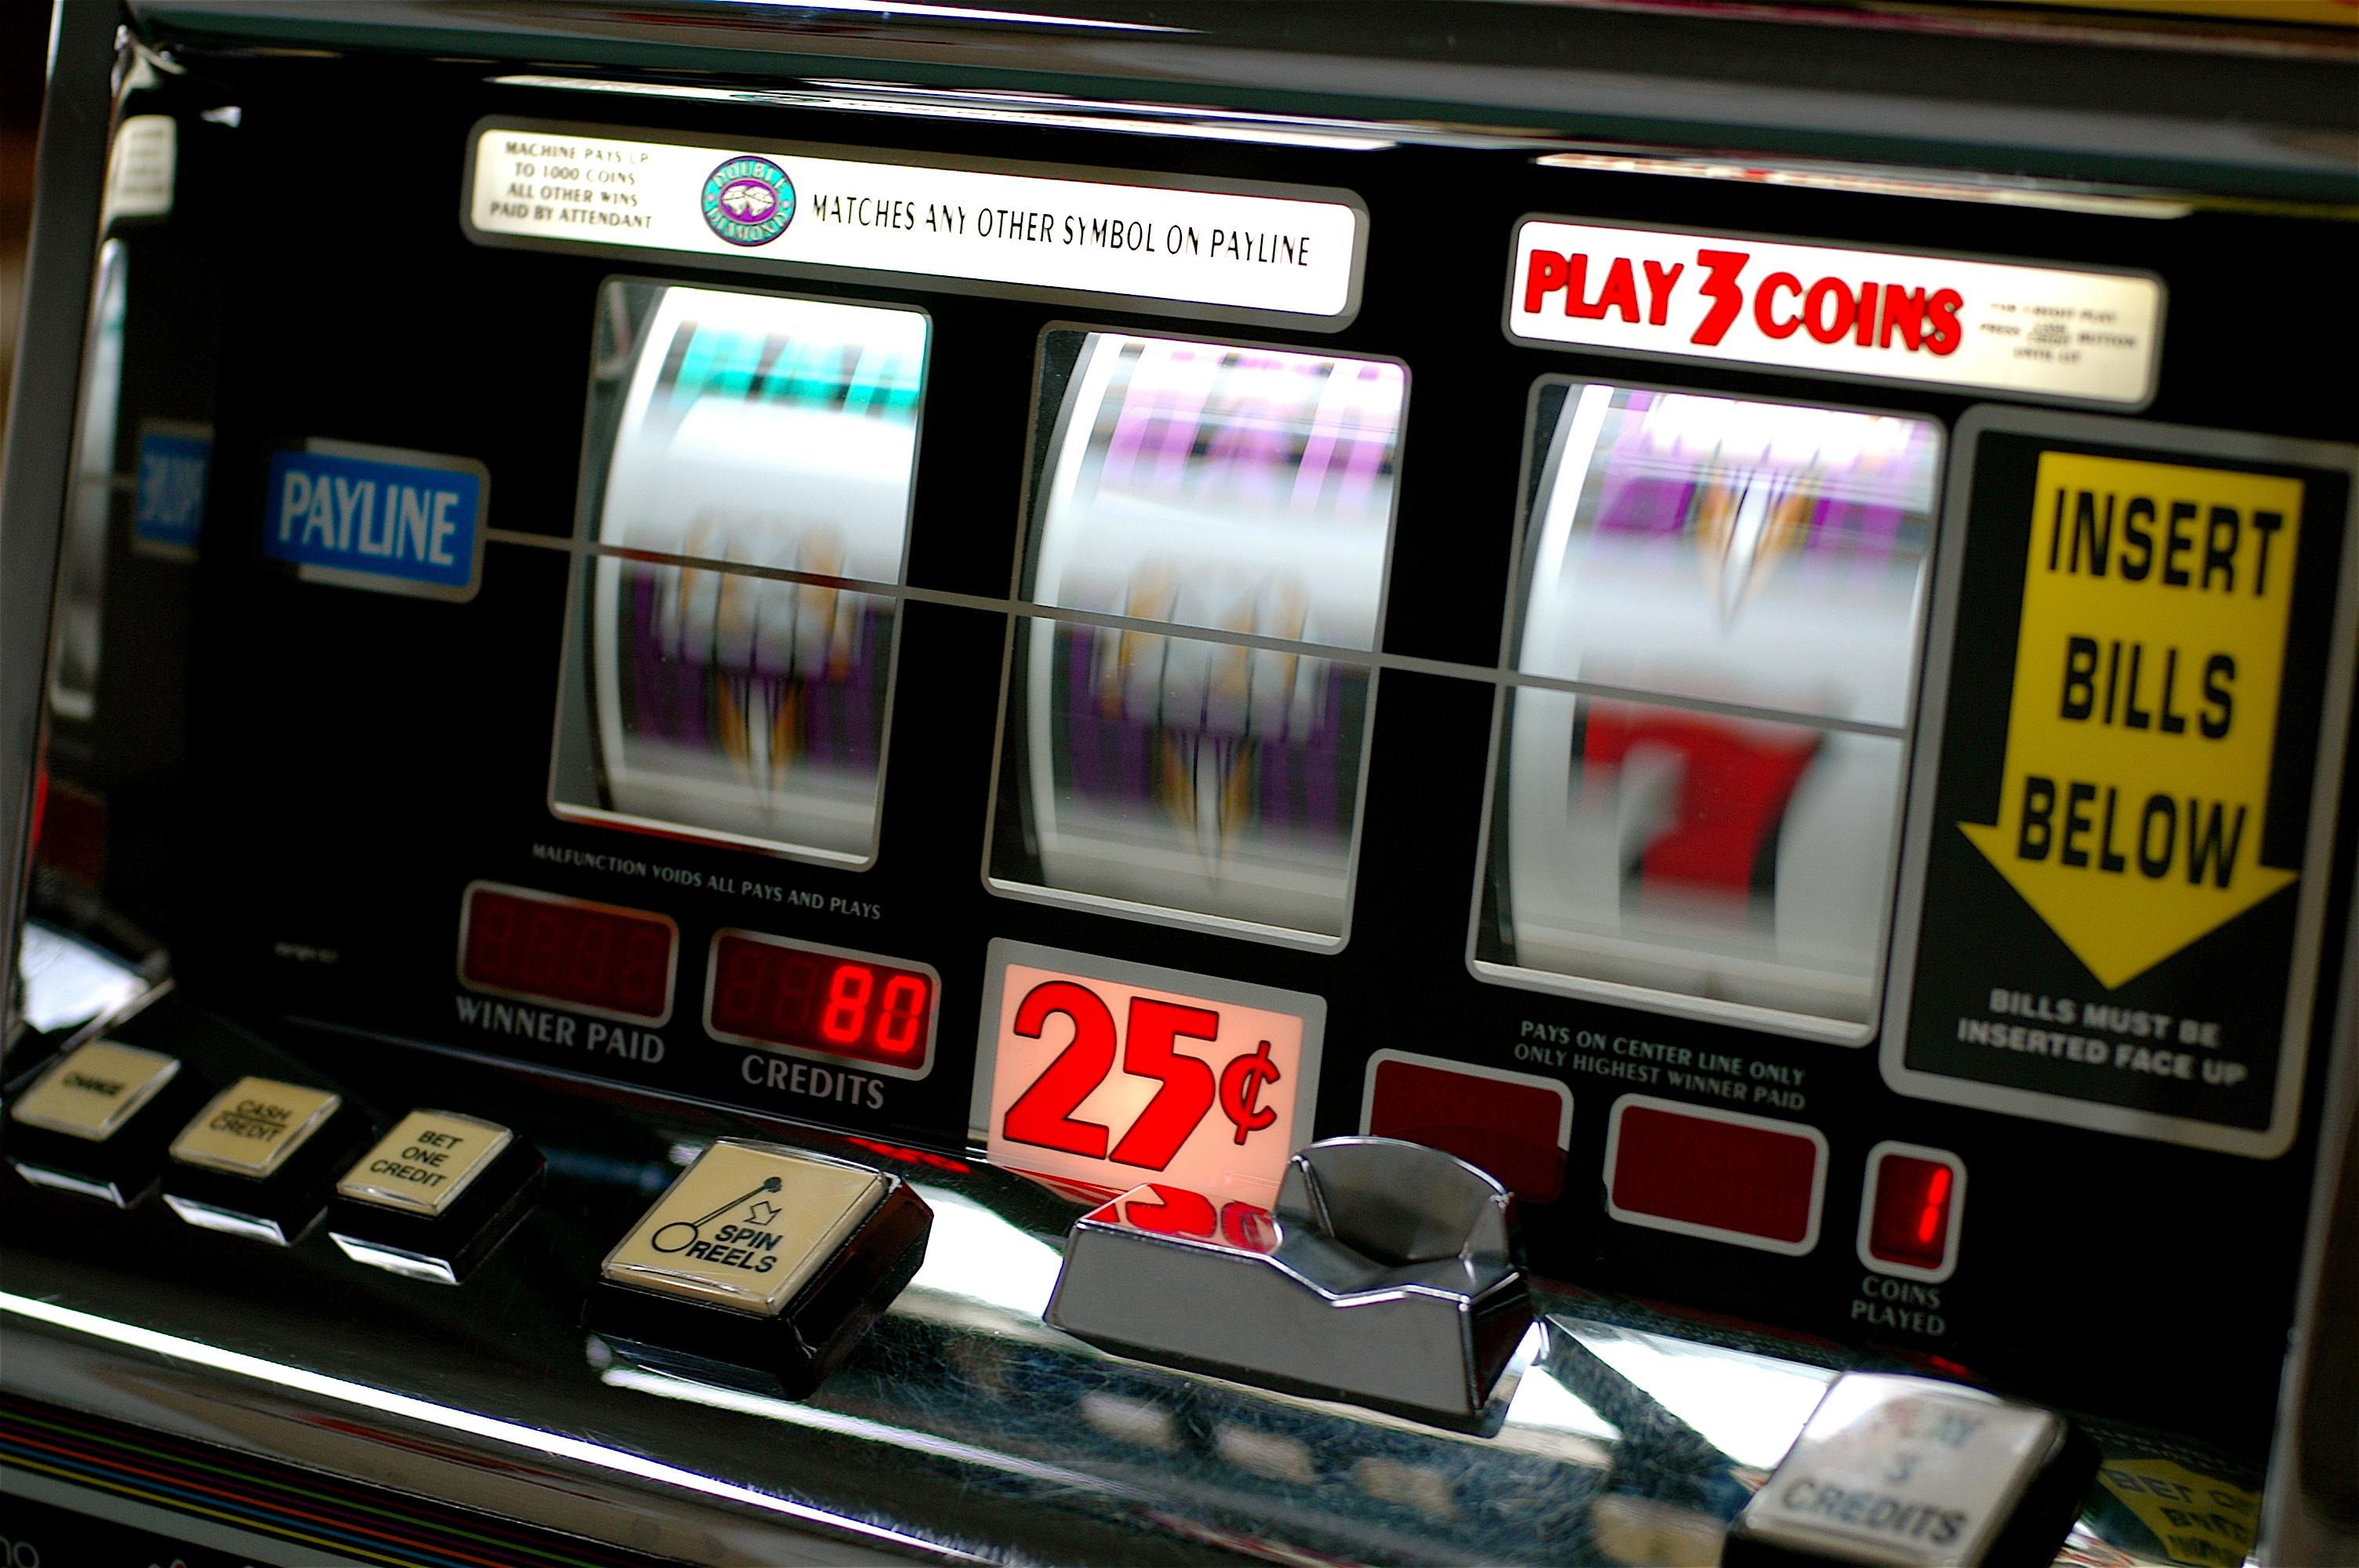 Gioco d'azzardo Abruzzo: primato negativo